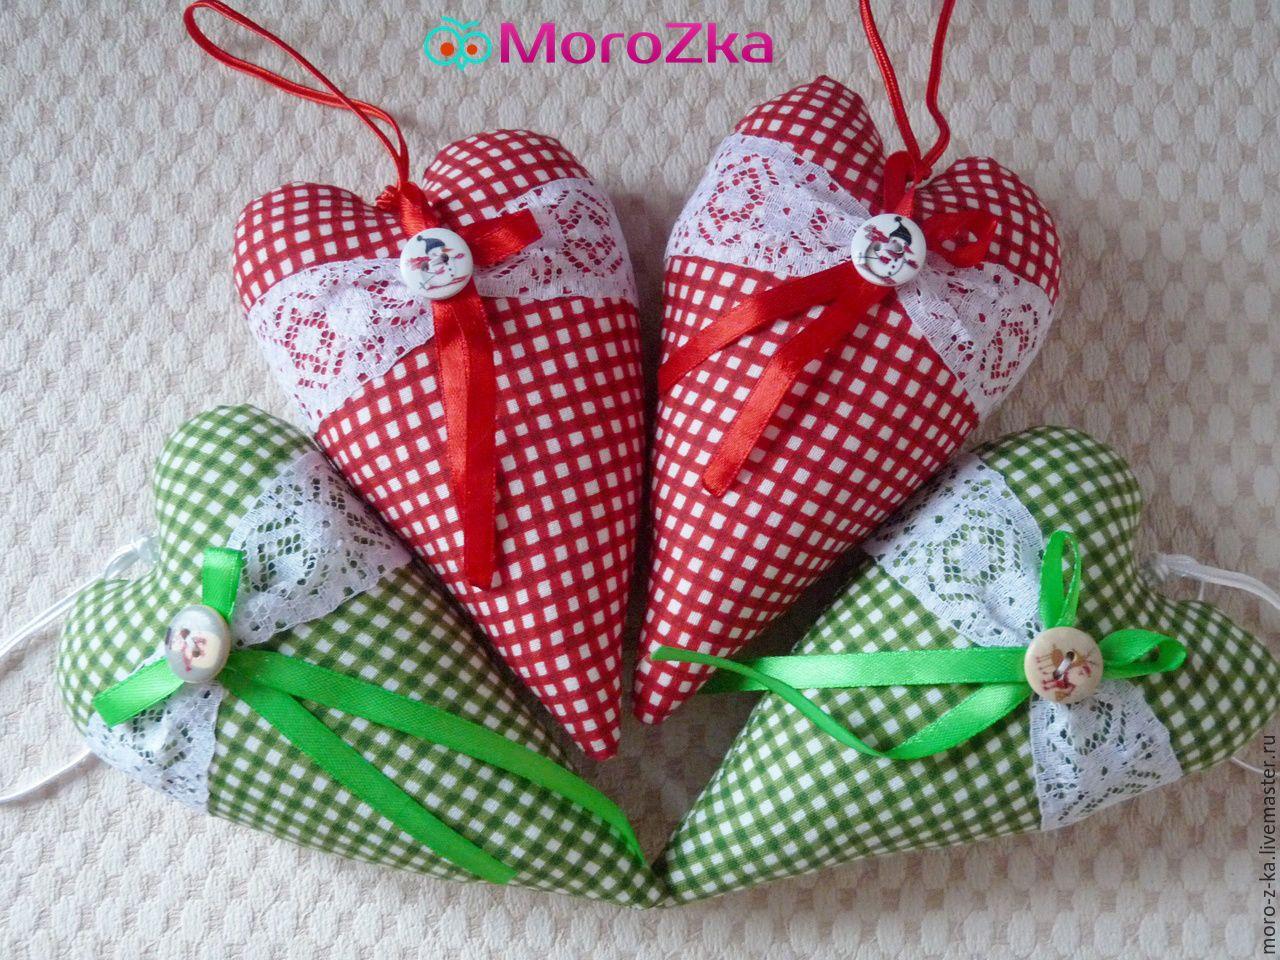 Купить Текстильные подвески сердечки - сердце, текстильное украшение, текстильная подвеска, сердце тильда